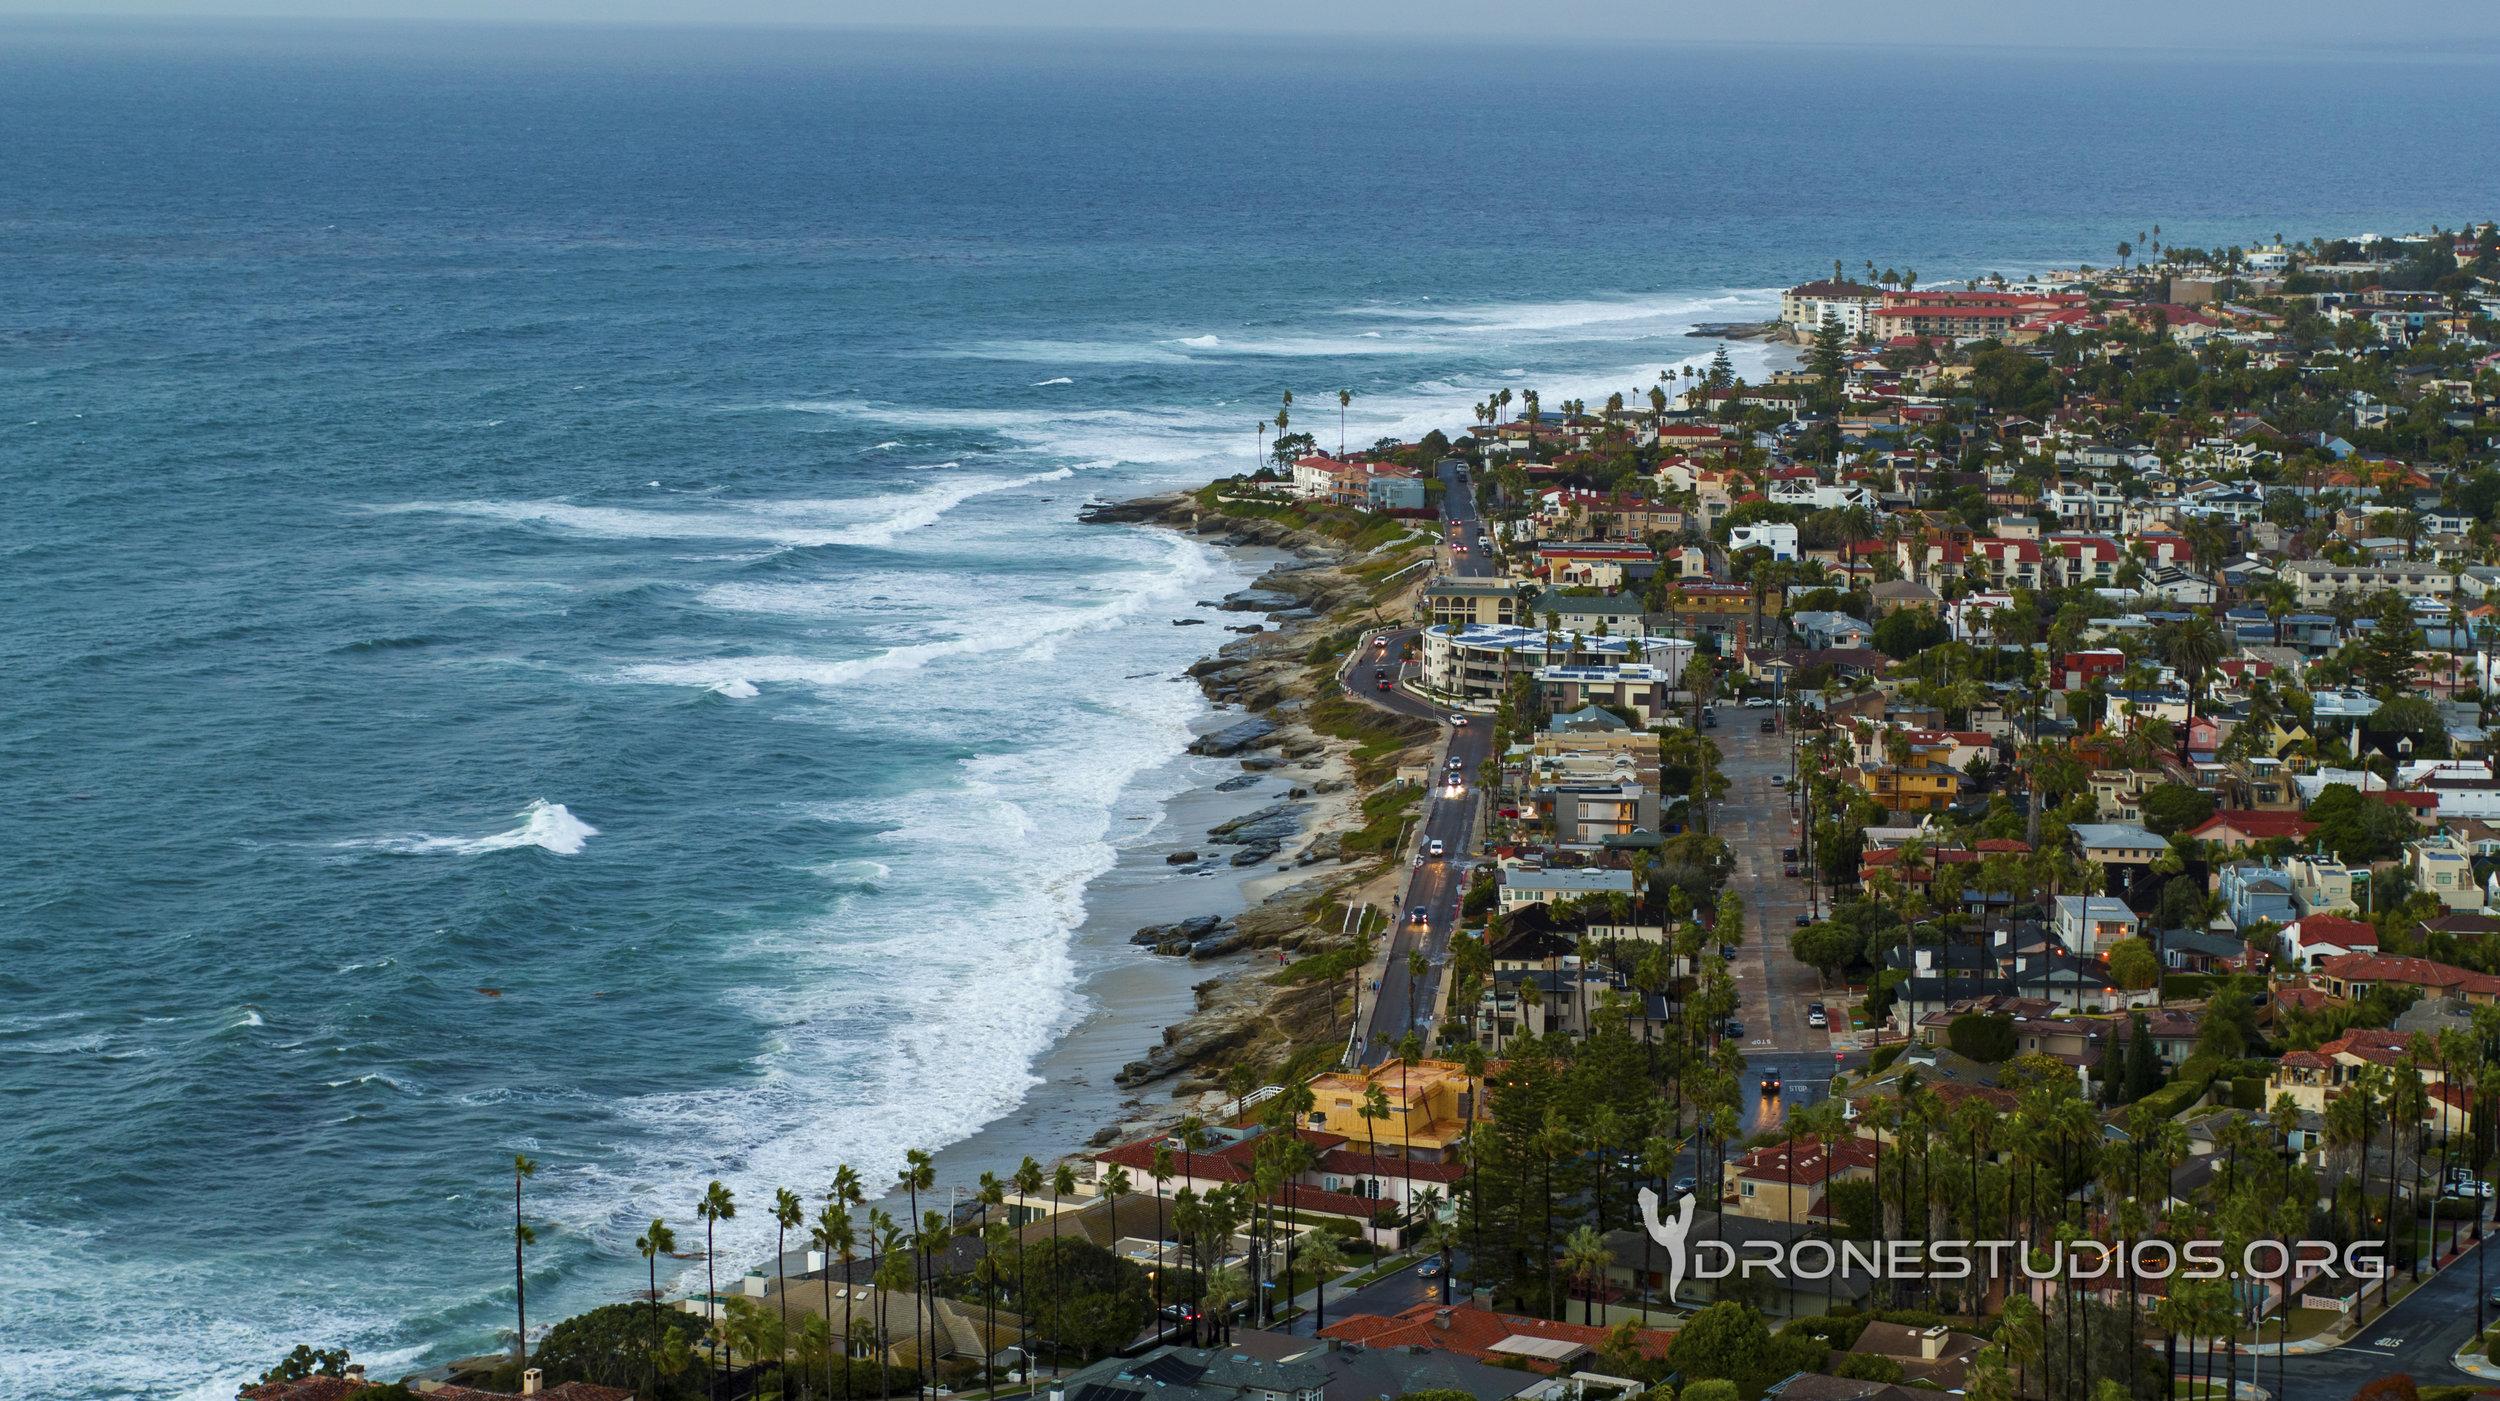 Drone photo of Windansea beach in La Jolla, CA